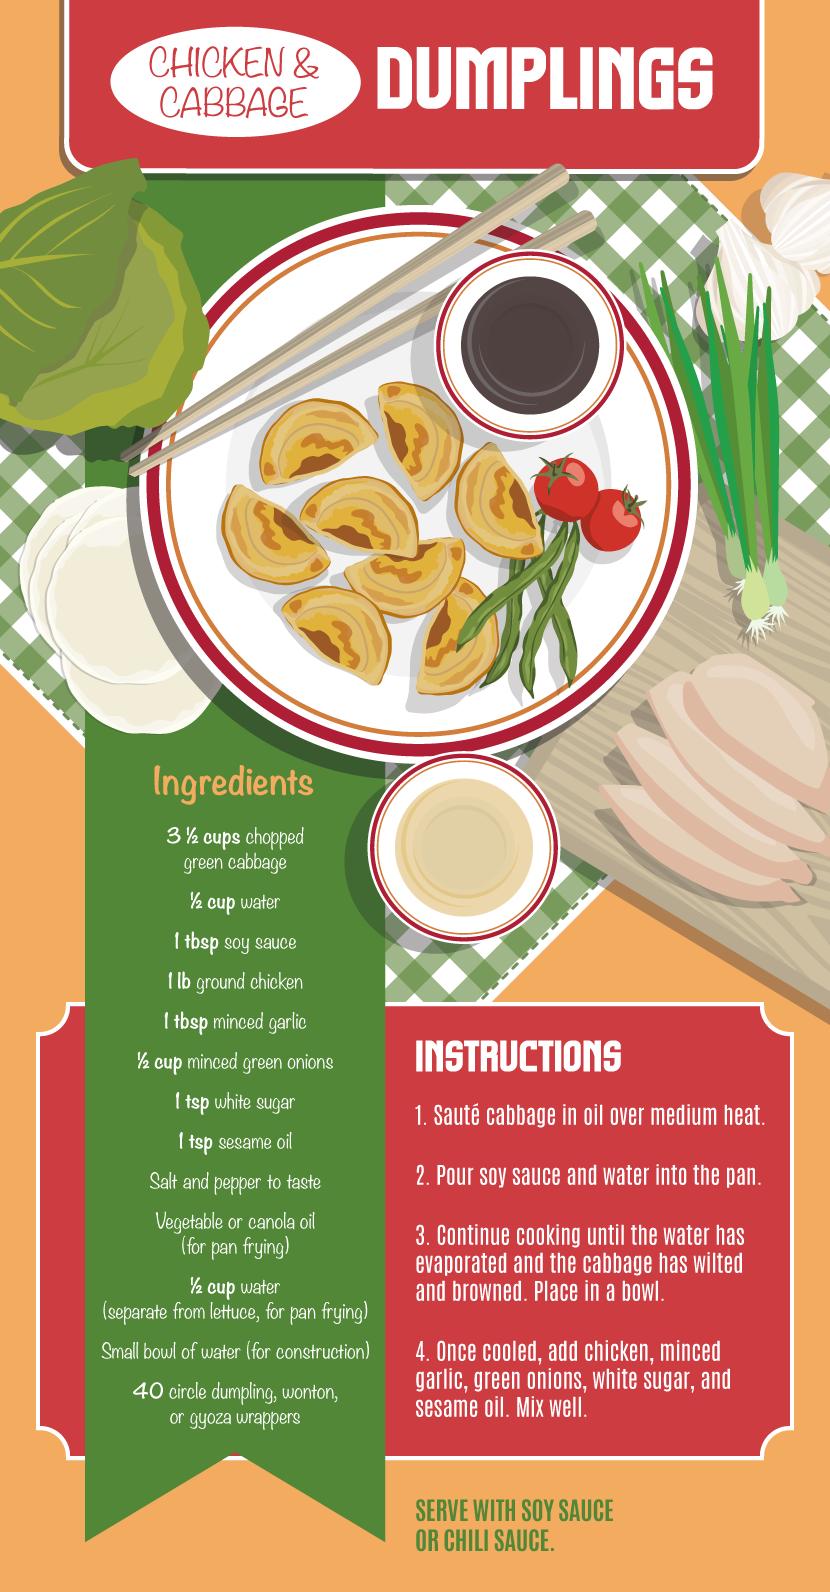 Chicken Cabbage Dumplings - Making Your Own Dumplings